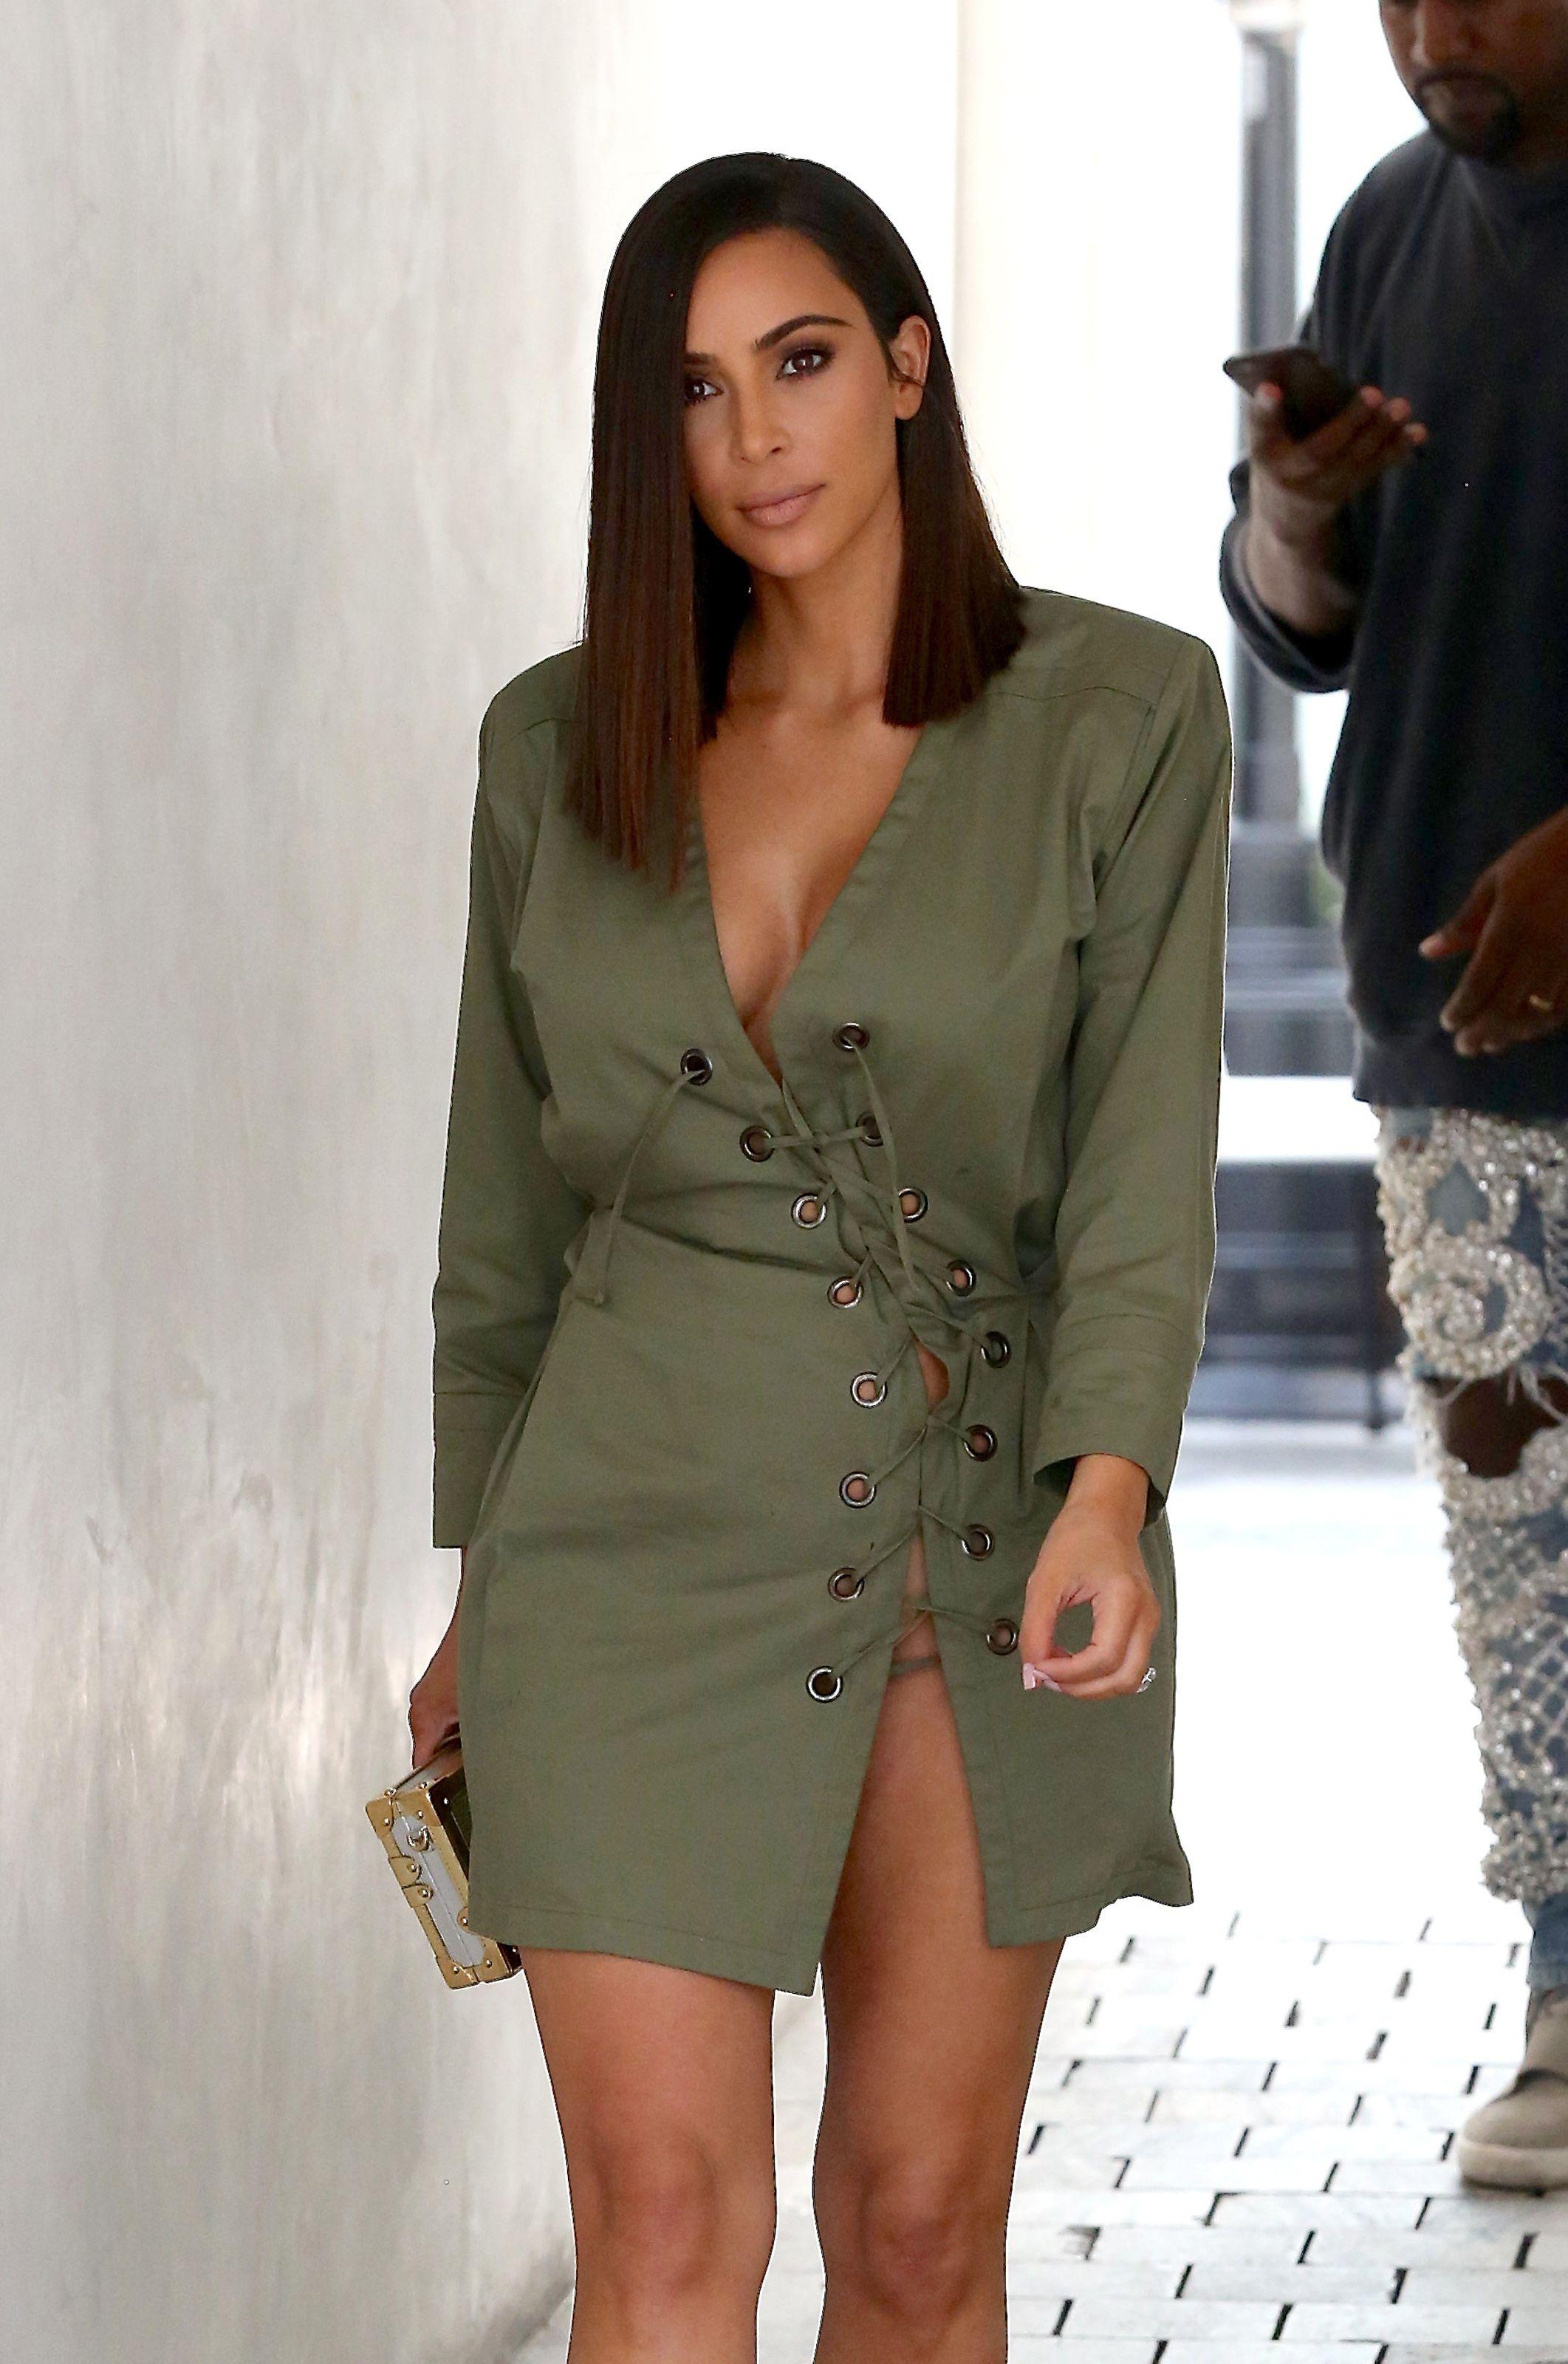 Kim K, Cara, Victoria Beckham : elles veulent toutes la même coupe | Carré long kim kardashian ...